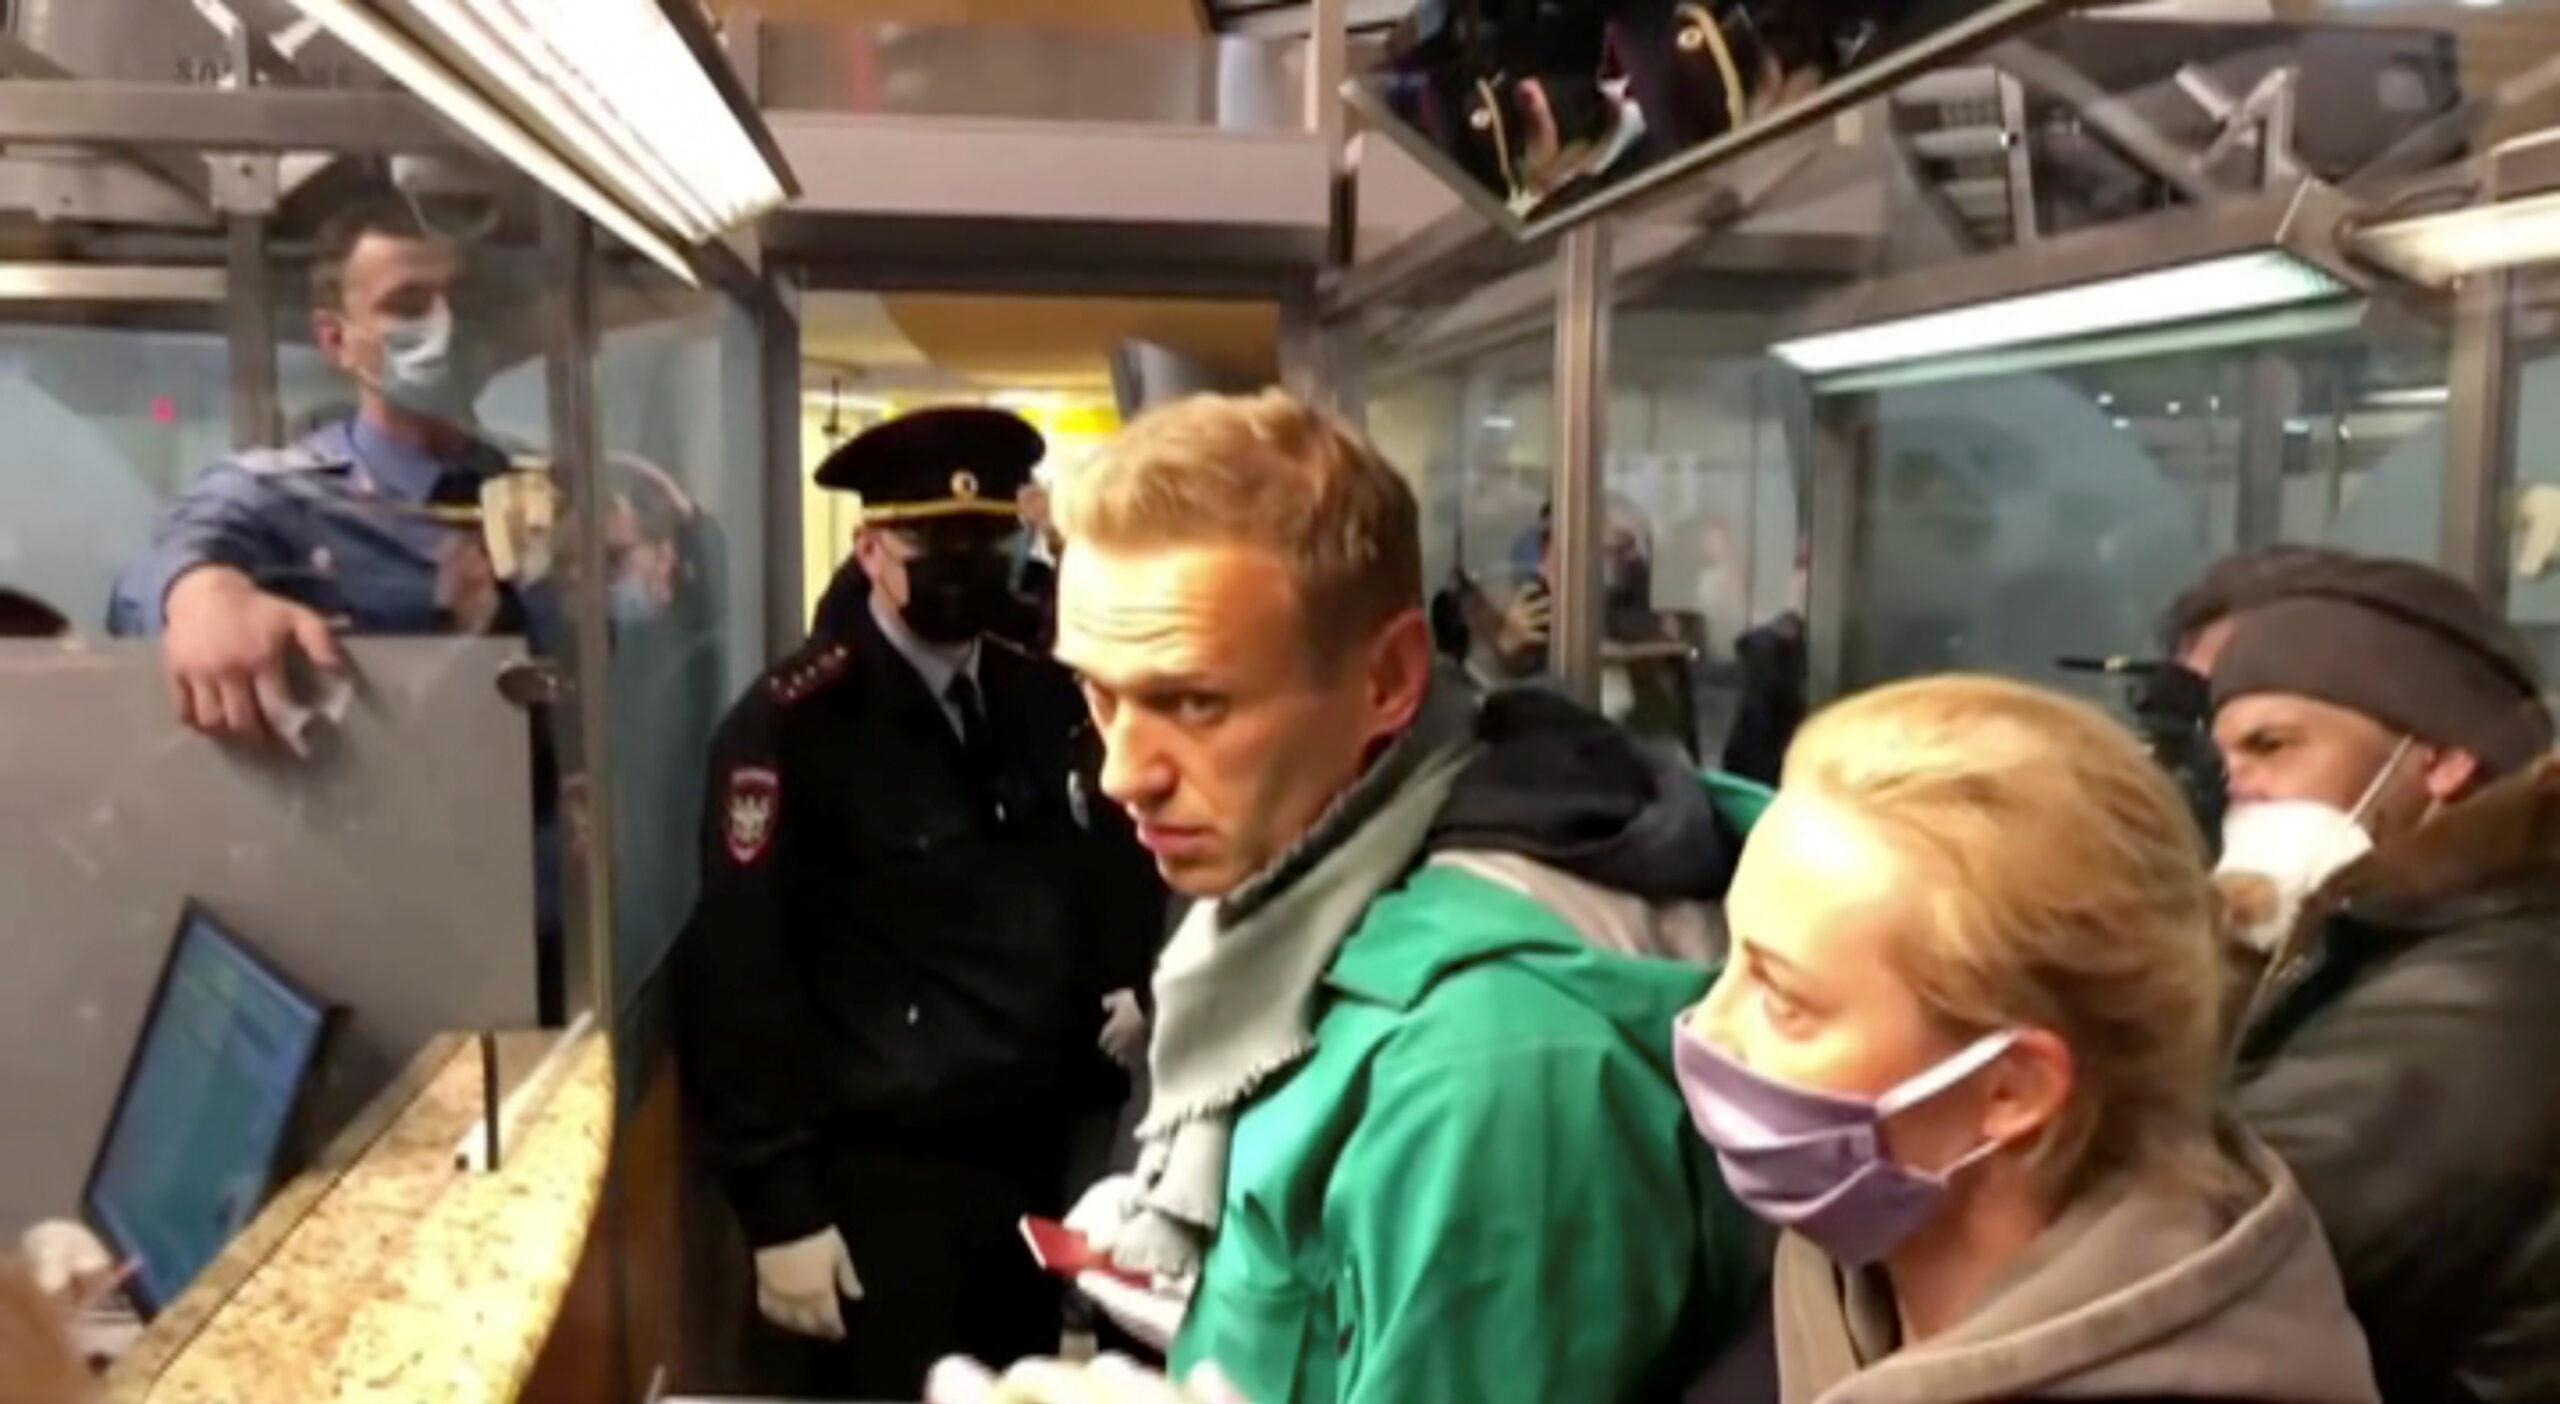 Una imatge extreta d'un vídeo mostra agents de la policia parlant amb Alexei Navalni abans de portar-lo a l'aeroport de Sheremetyevo a Moscou   REUTERS TV